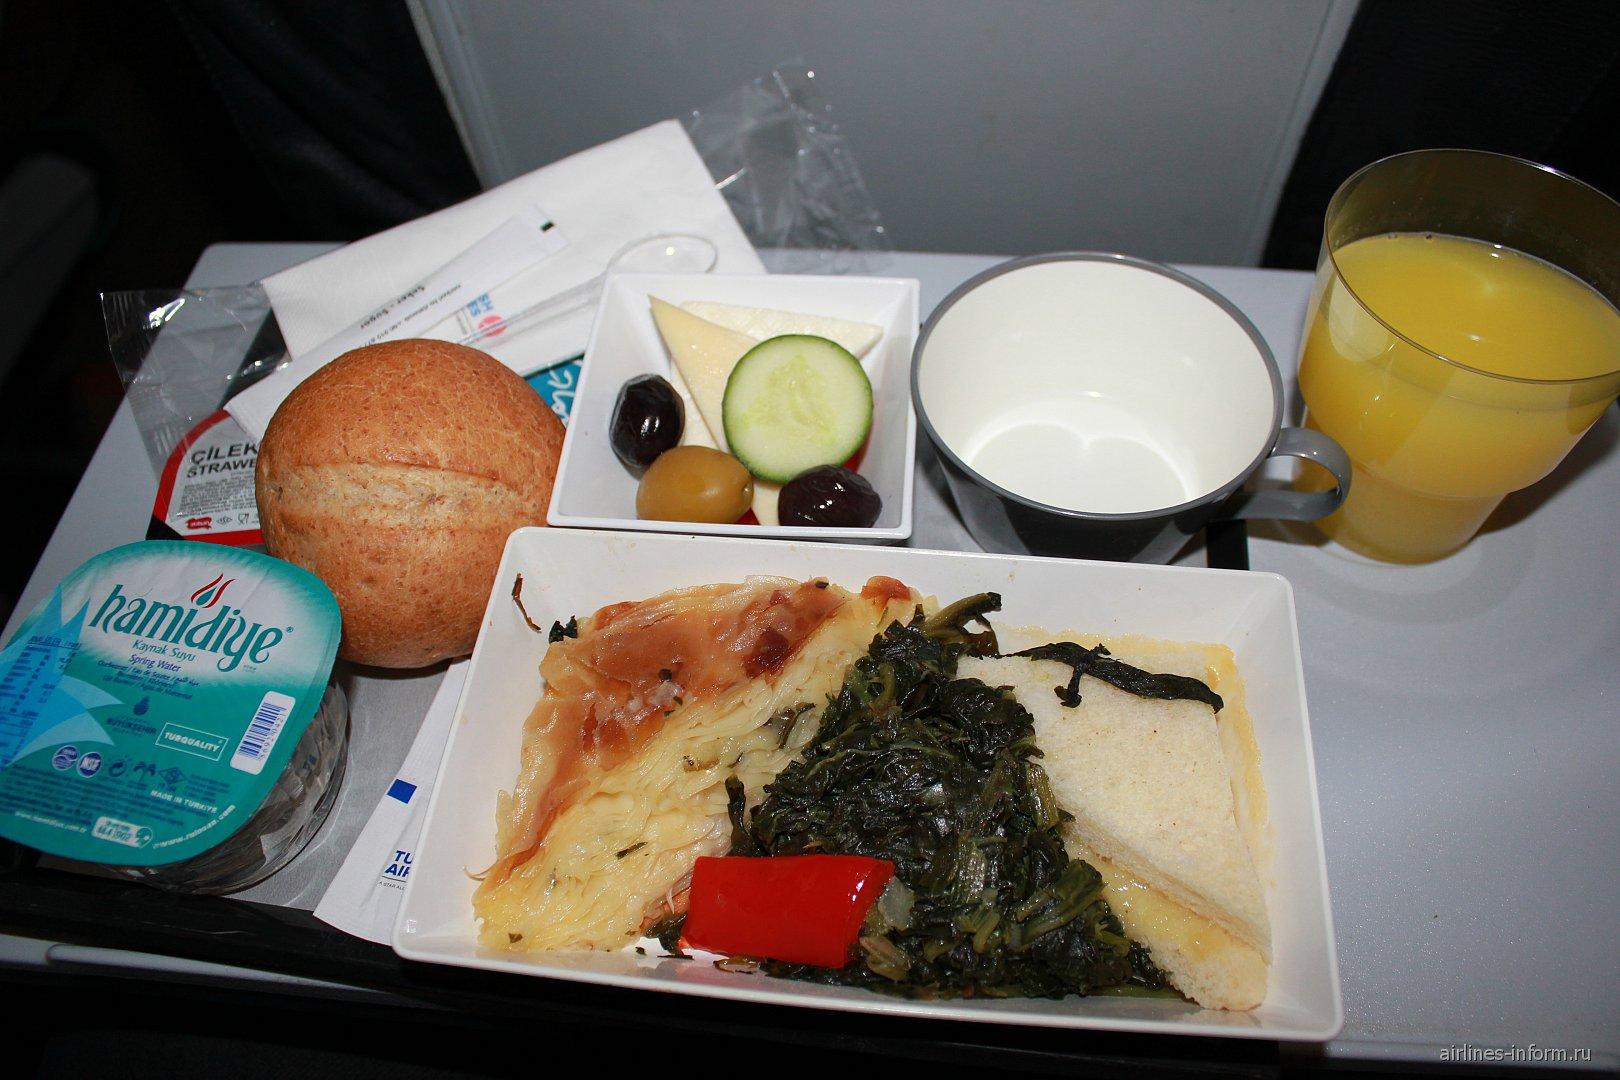 Питание на рейсе Ашхабад-Стамбул Турецких авиалиний